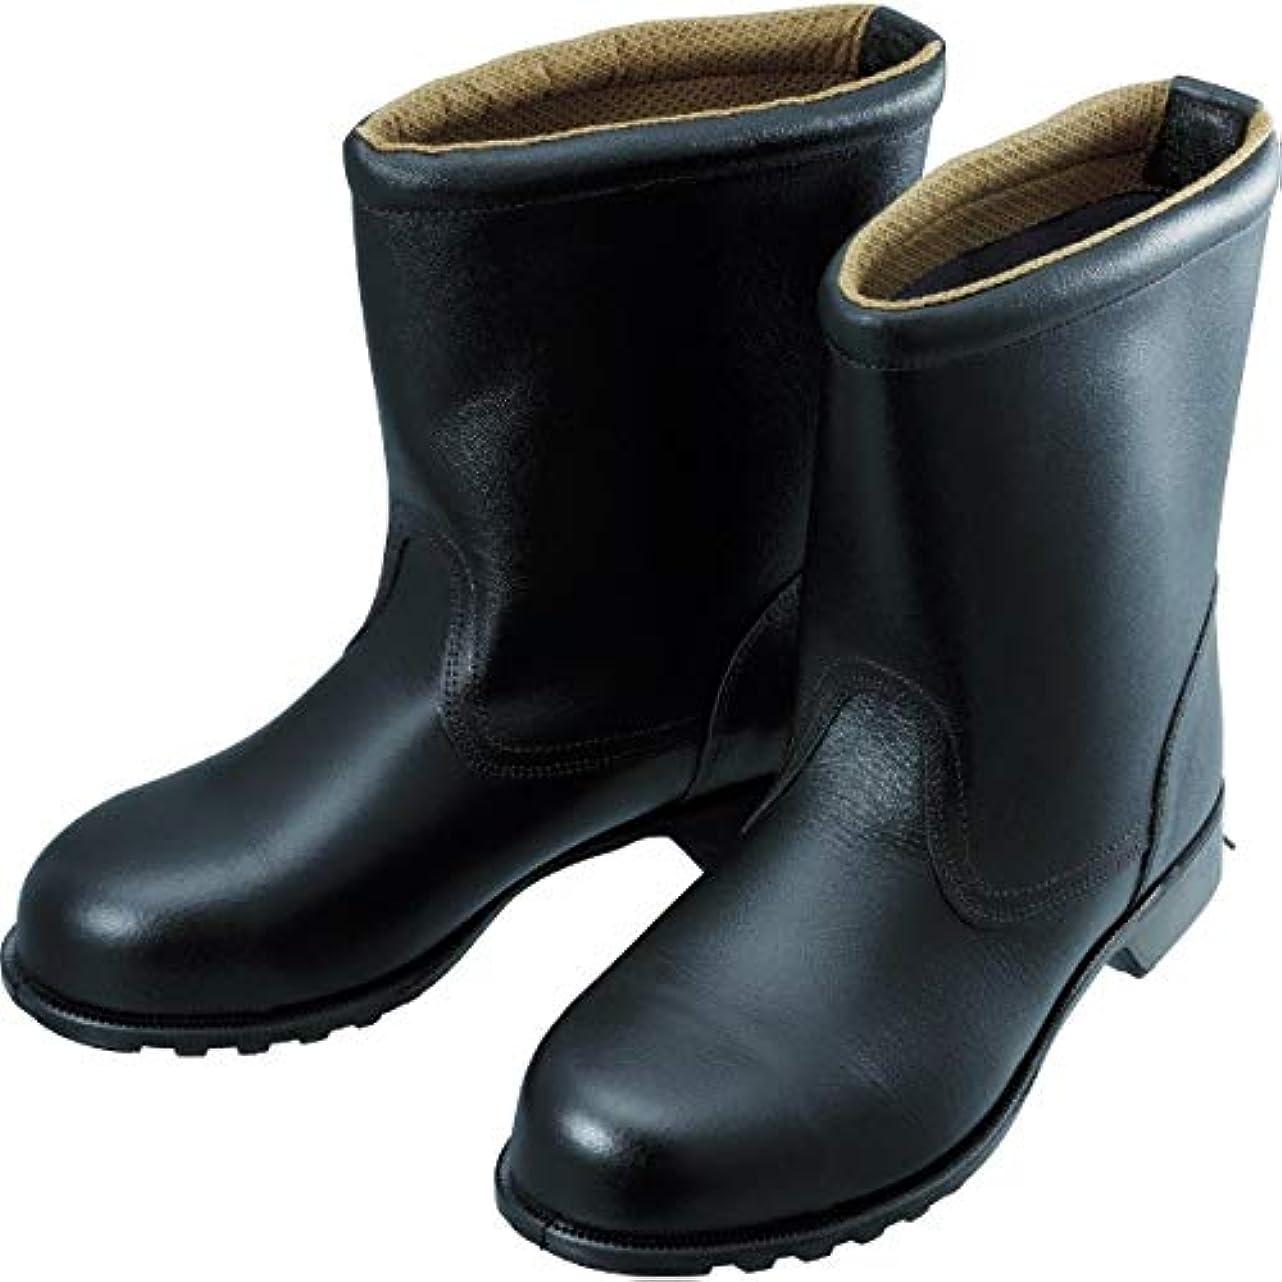 物理的に雨の方向シモン 安全靴 半長靴 FD44 26.0cm FD44-26.0